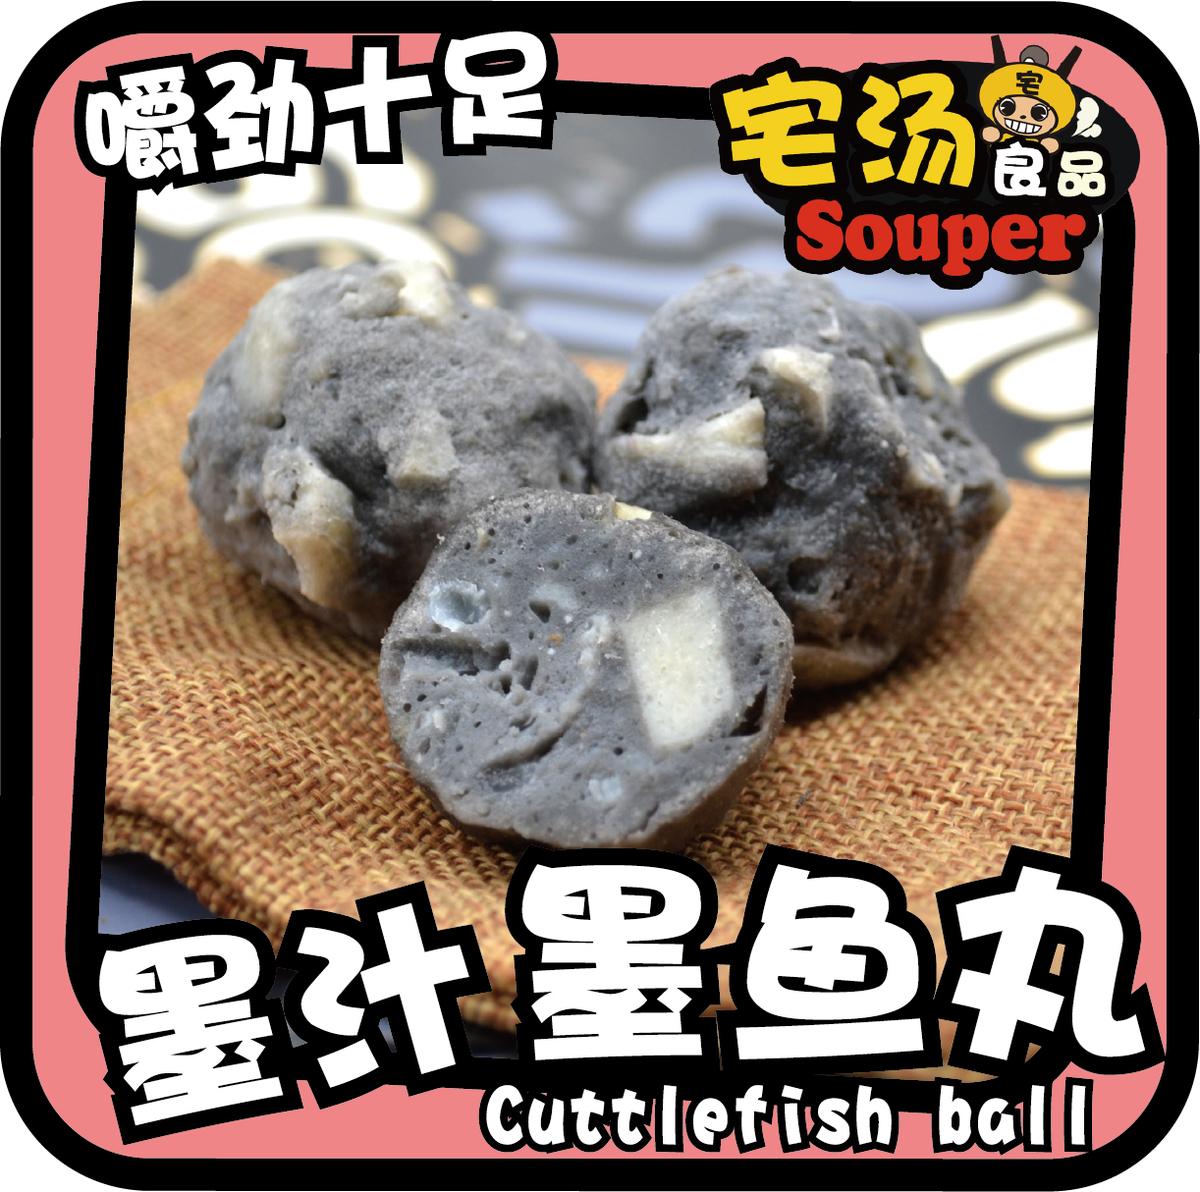 券后12.35元台湾丸子章鱼丸关东煮海底捞墨鱼丸